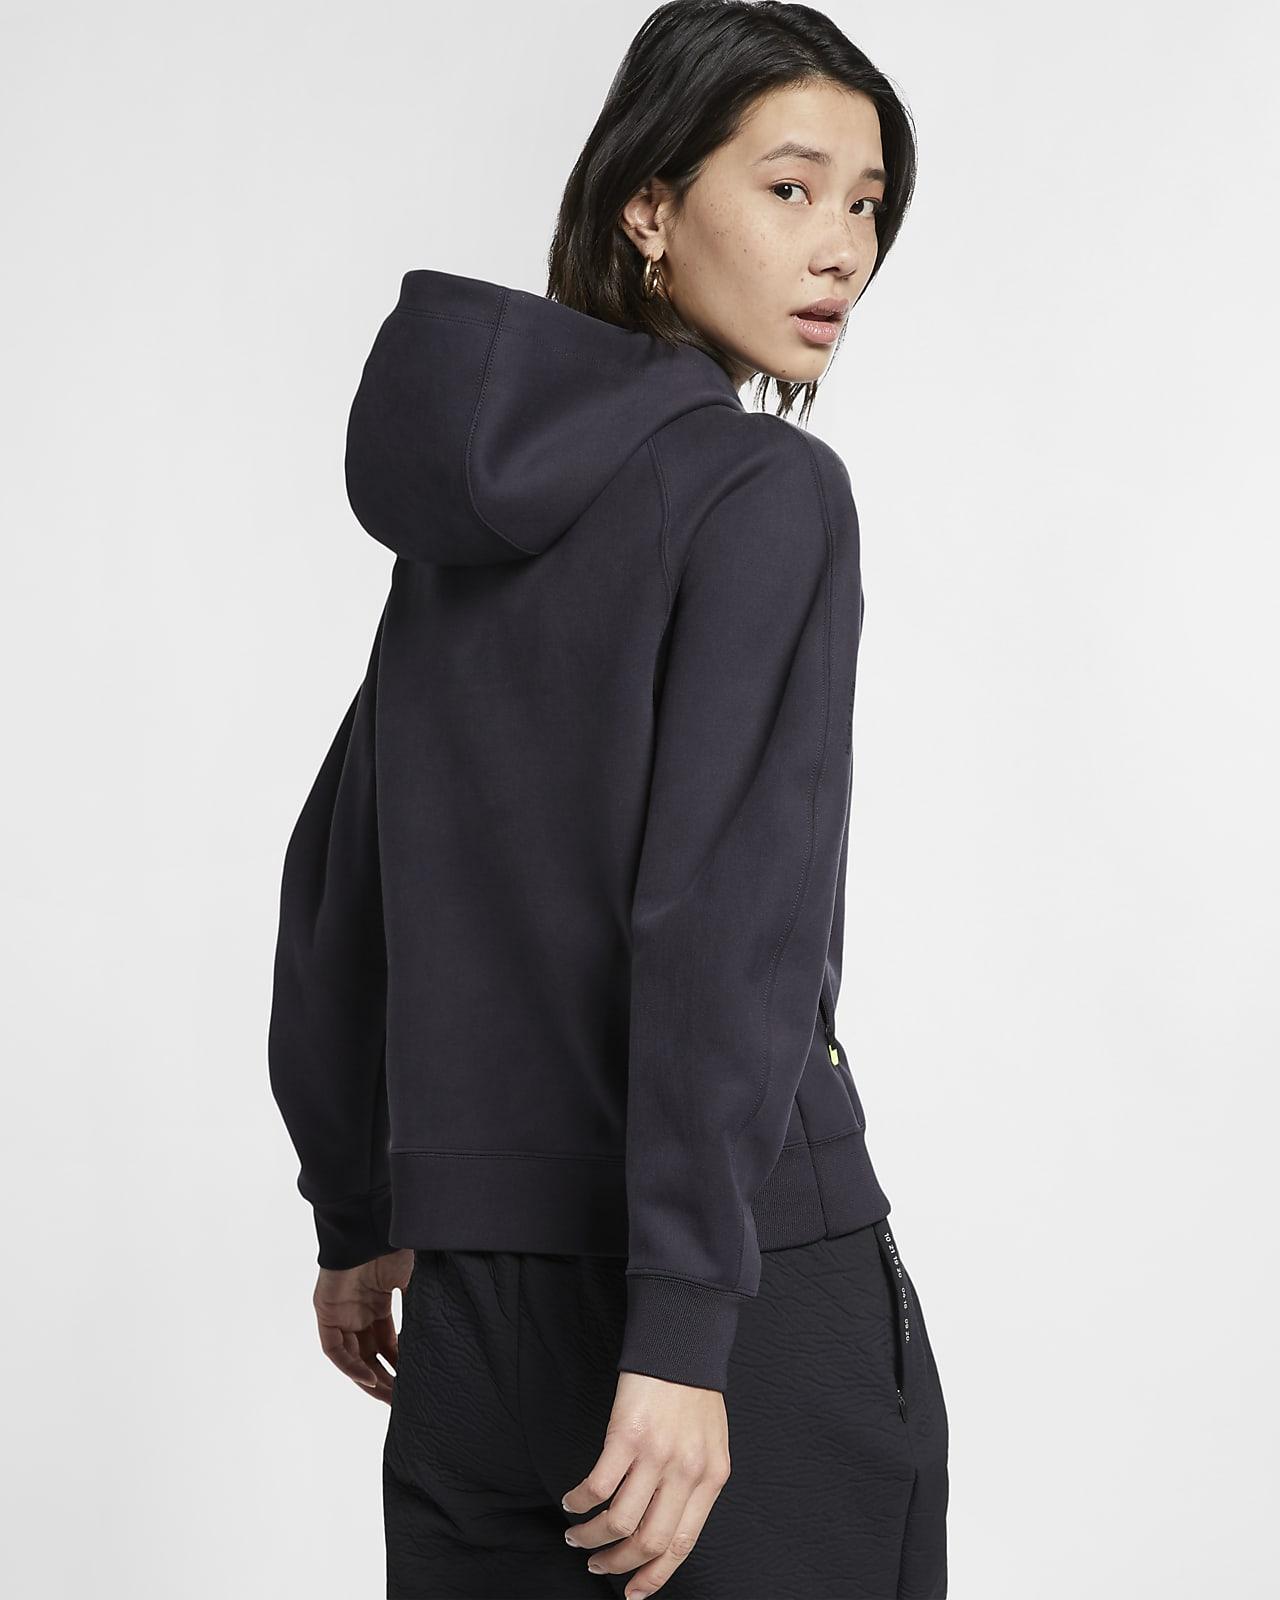 Nike Sportswear Tech Pack Women's Full-Zip Fleece Hoodie